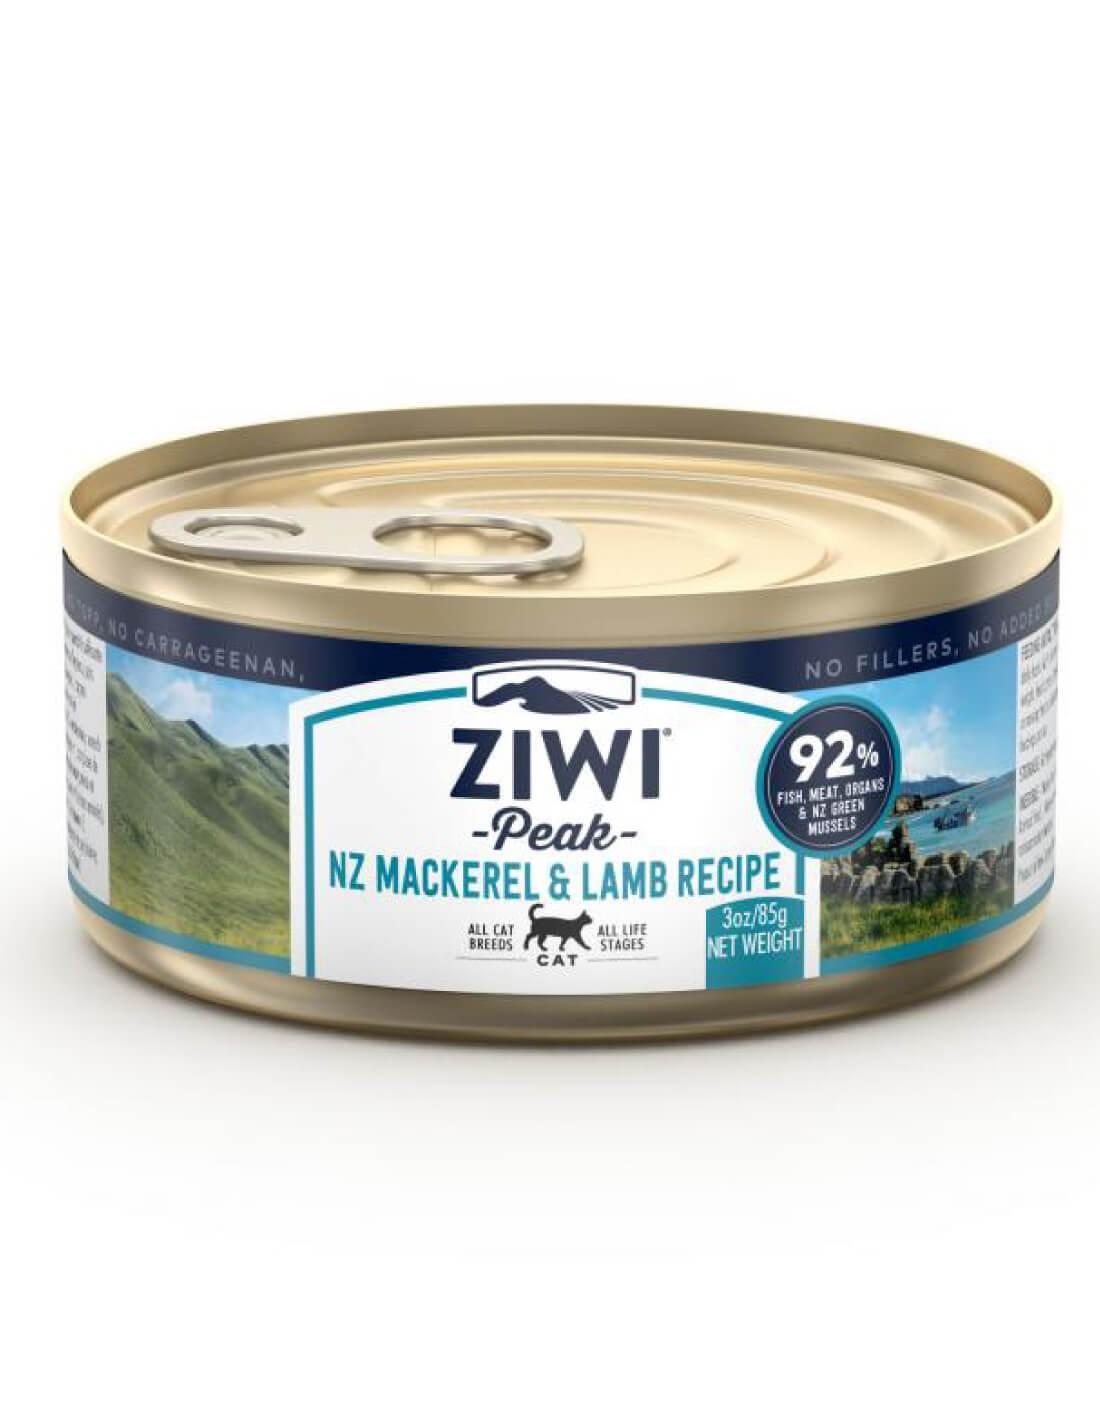 ZIWI PEAK Caballa y Cordero - Comida húmeda para gatos 85g